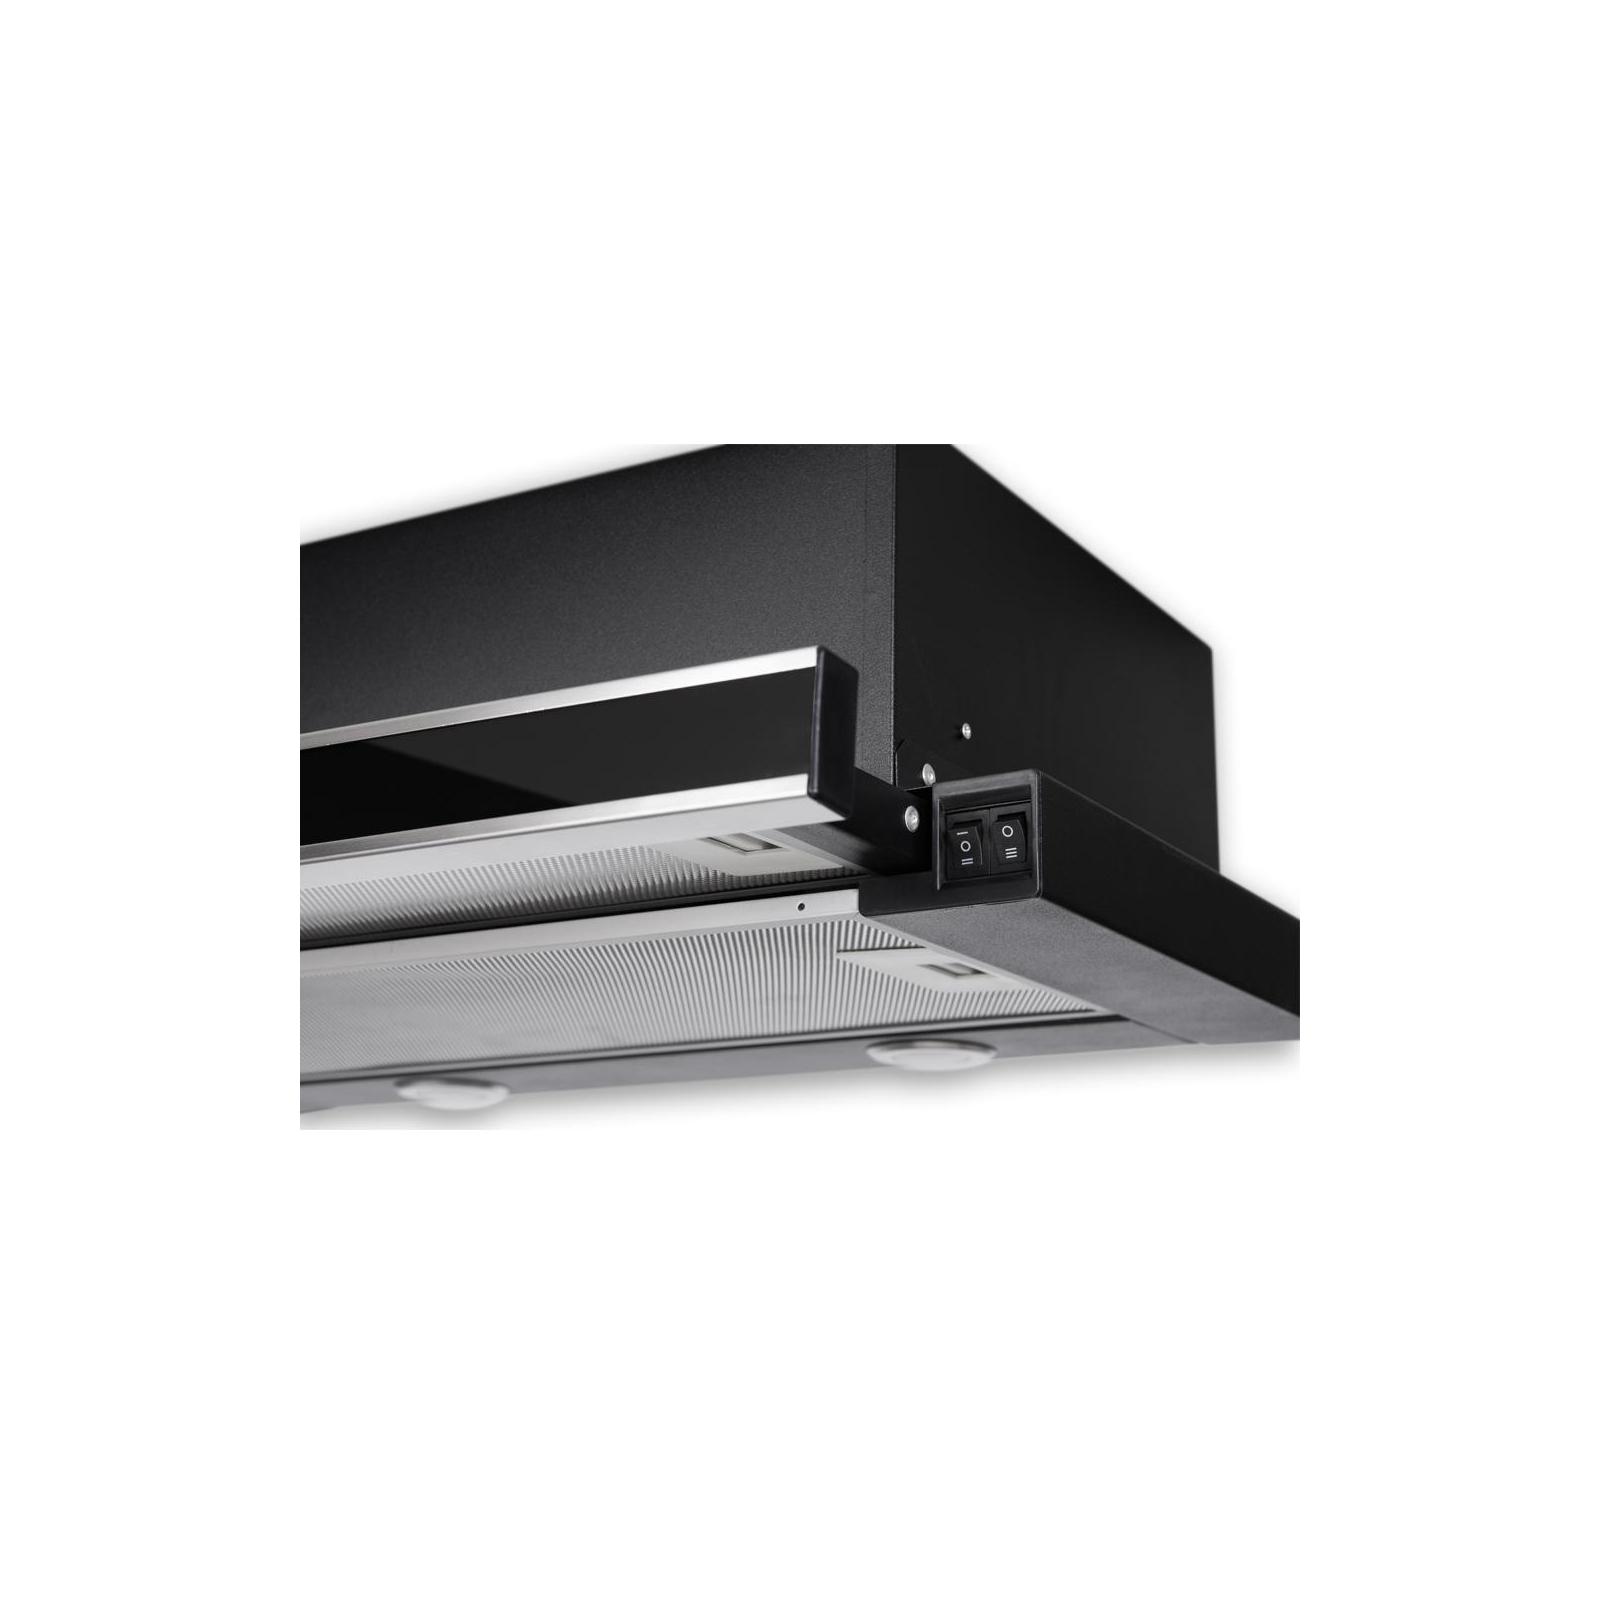 Вытяжка кухонная MINOLA HTL 6062 I/BL GLASS 450 LED изображение 6